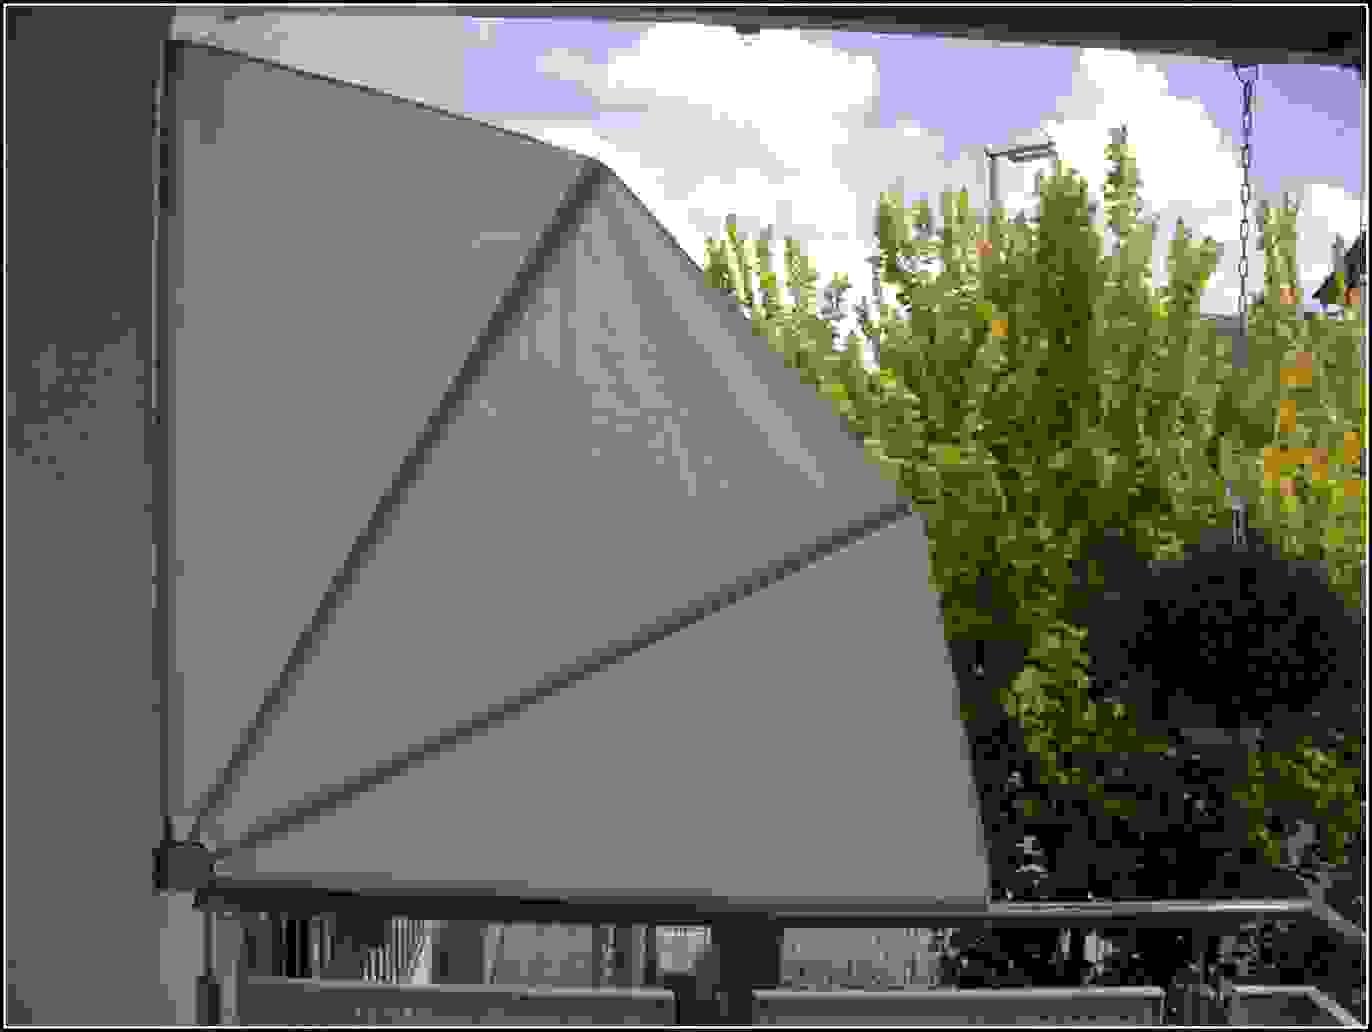 Frisch Von Sichtschutz Fächer Für Balkon Ohne Bohren Ideen  Moderne von Sichtschutz Balkon Seitlich Ohne Bohren Photo